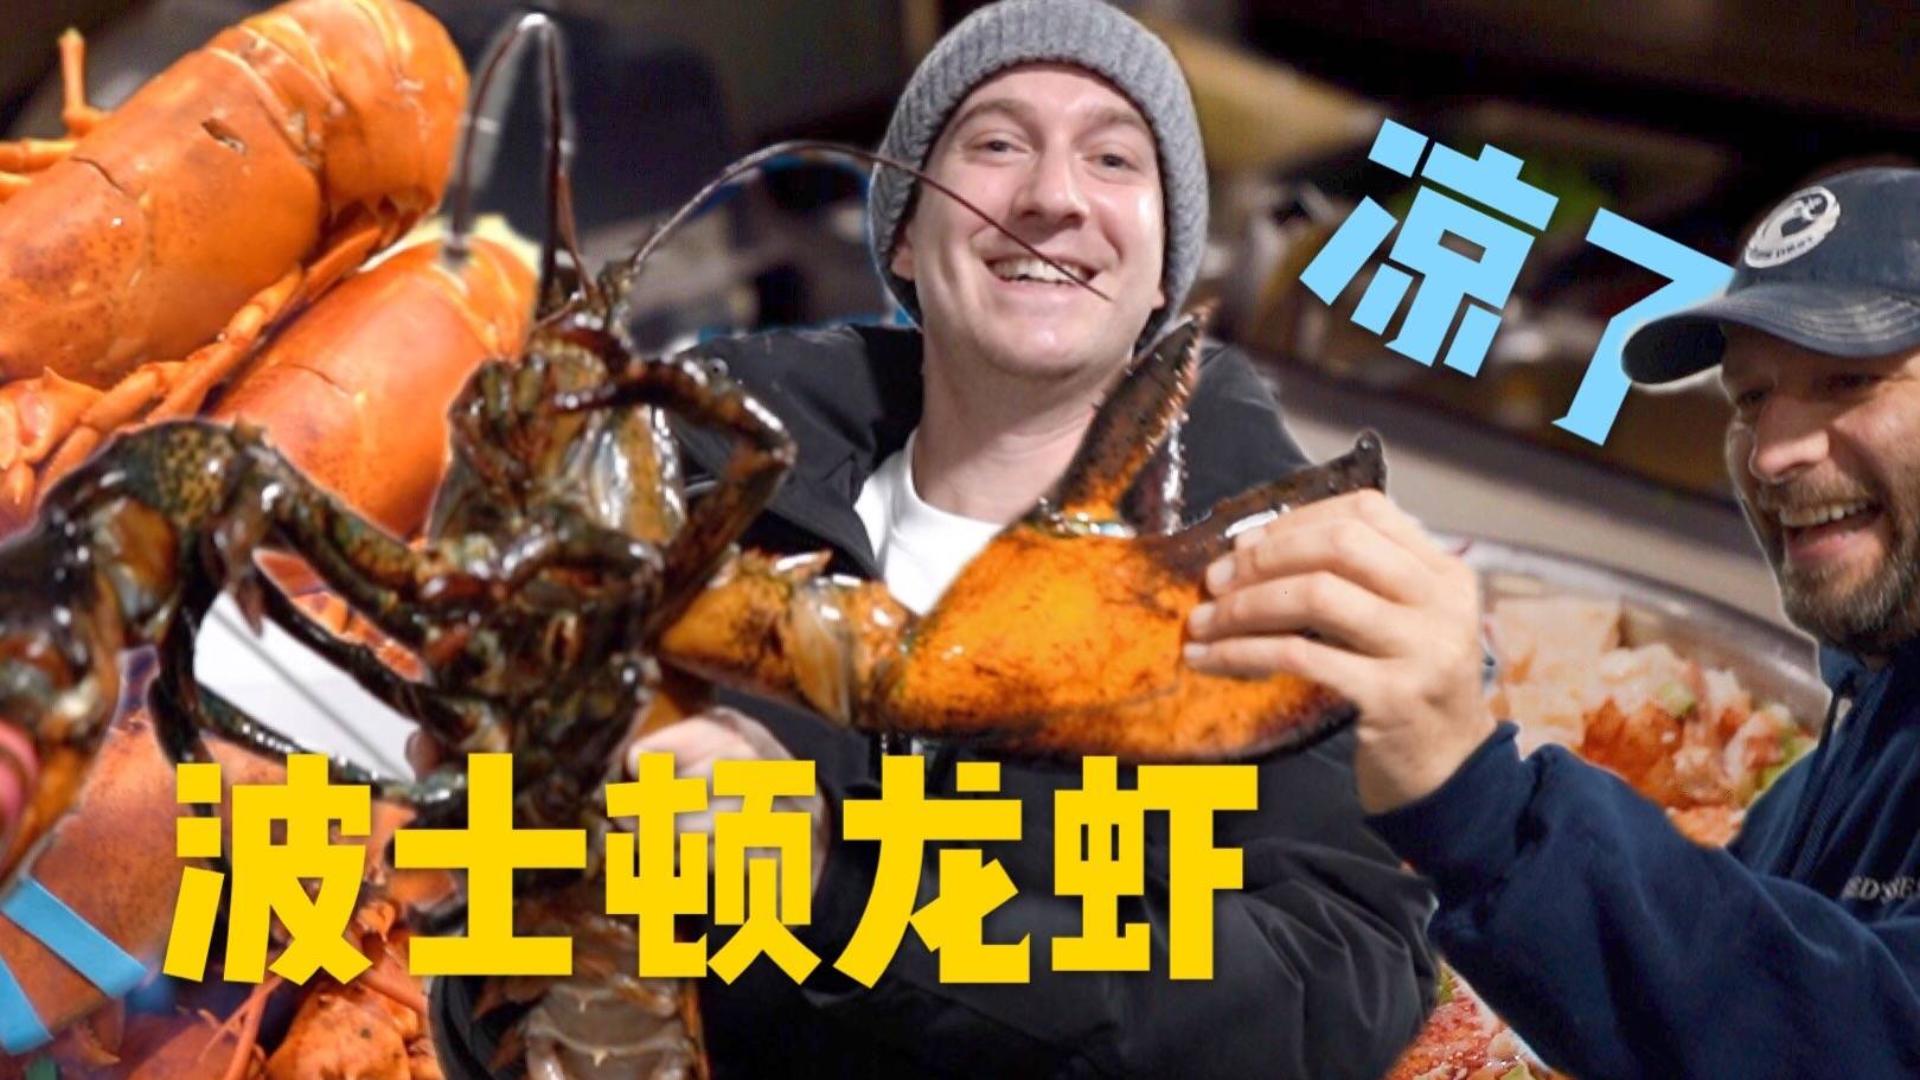 探秘美国海鲜业,中国吃货带火的波士顿龙虾要凉了?